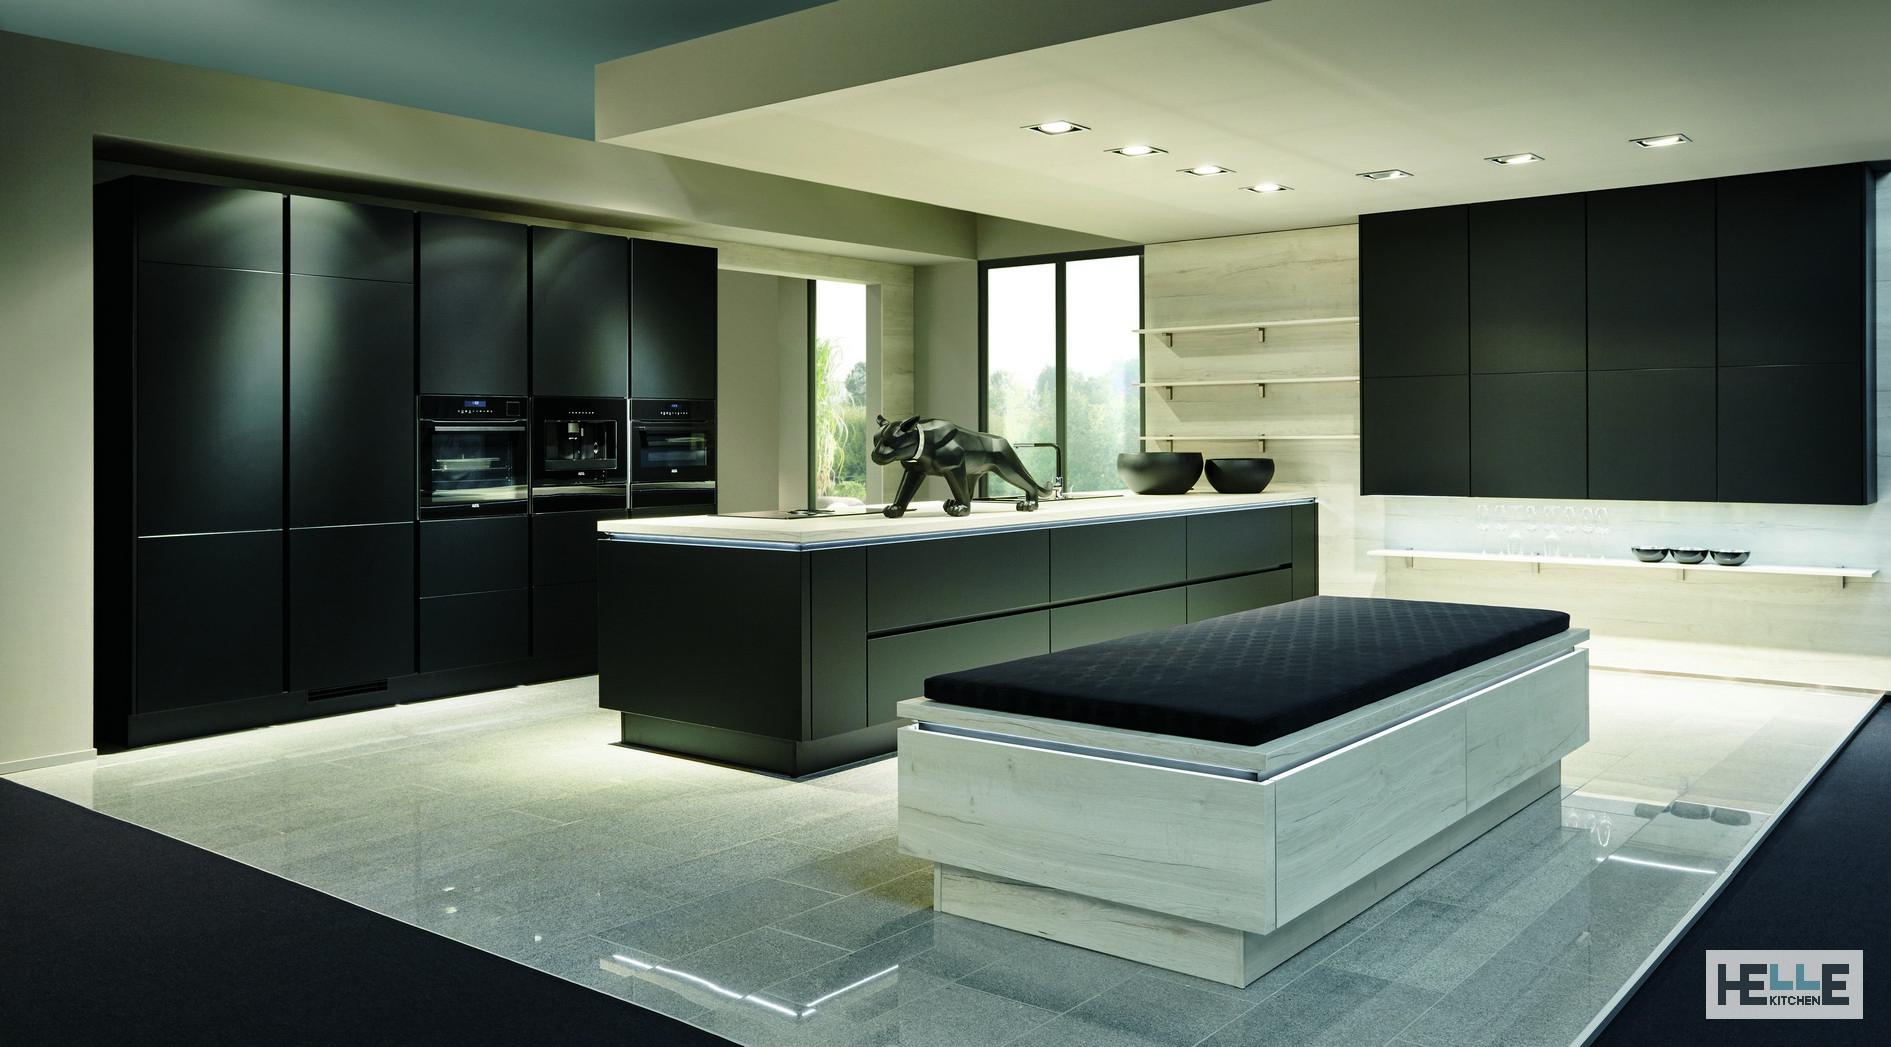 Helle Kitchen consigli per Progettare una cucina nera